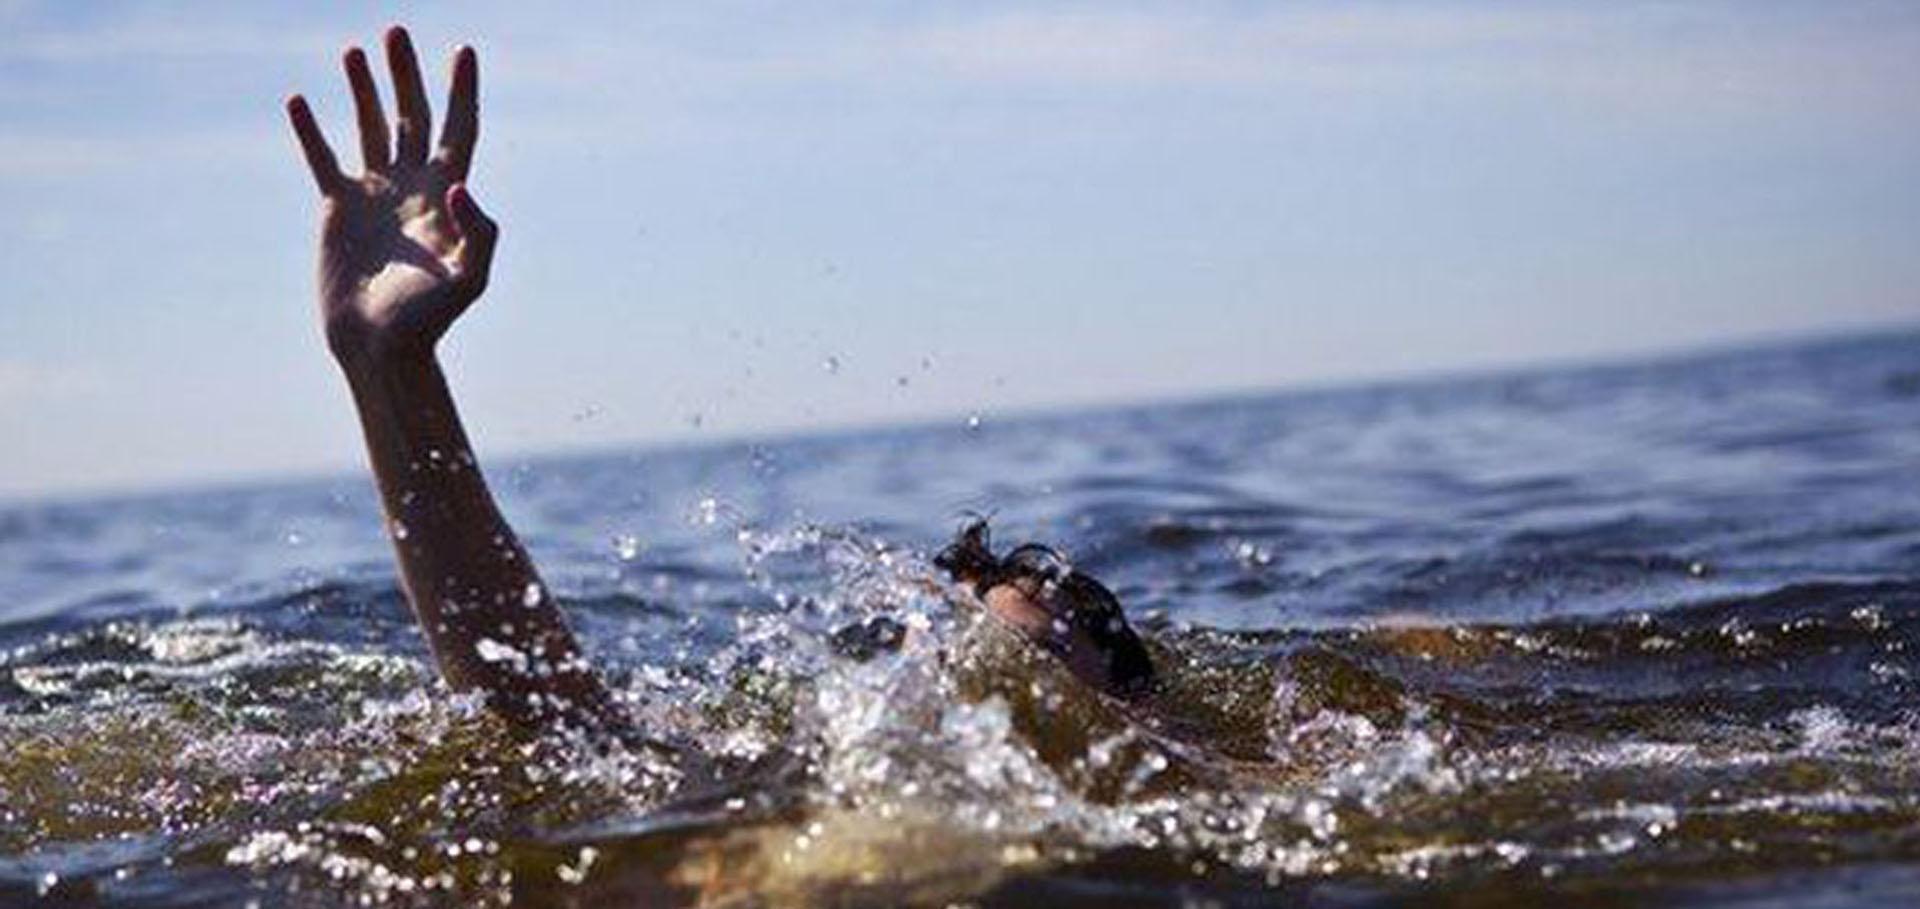 24 червня, о 18:30, у місті Сміла, на міському пляжі річки Тясмин, під час купання почала тонути 17-річна дівчина. Крики про допомогу почули рятувальники Смілянської станції Черкаської обласної комунальної аварійно-рятувальної служби, які оперативно відреагували та врятували потерпілу.